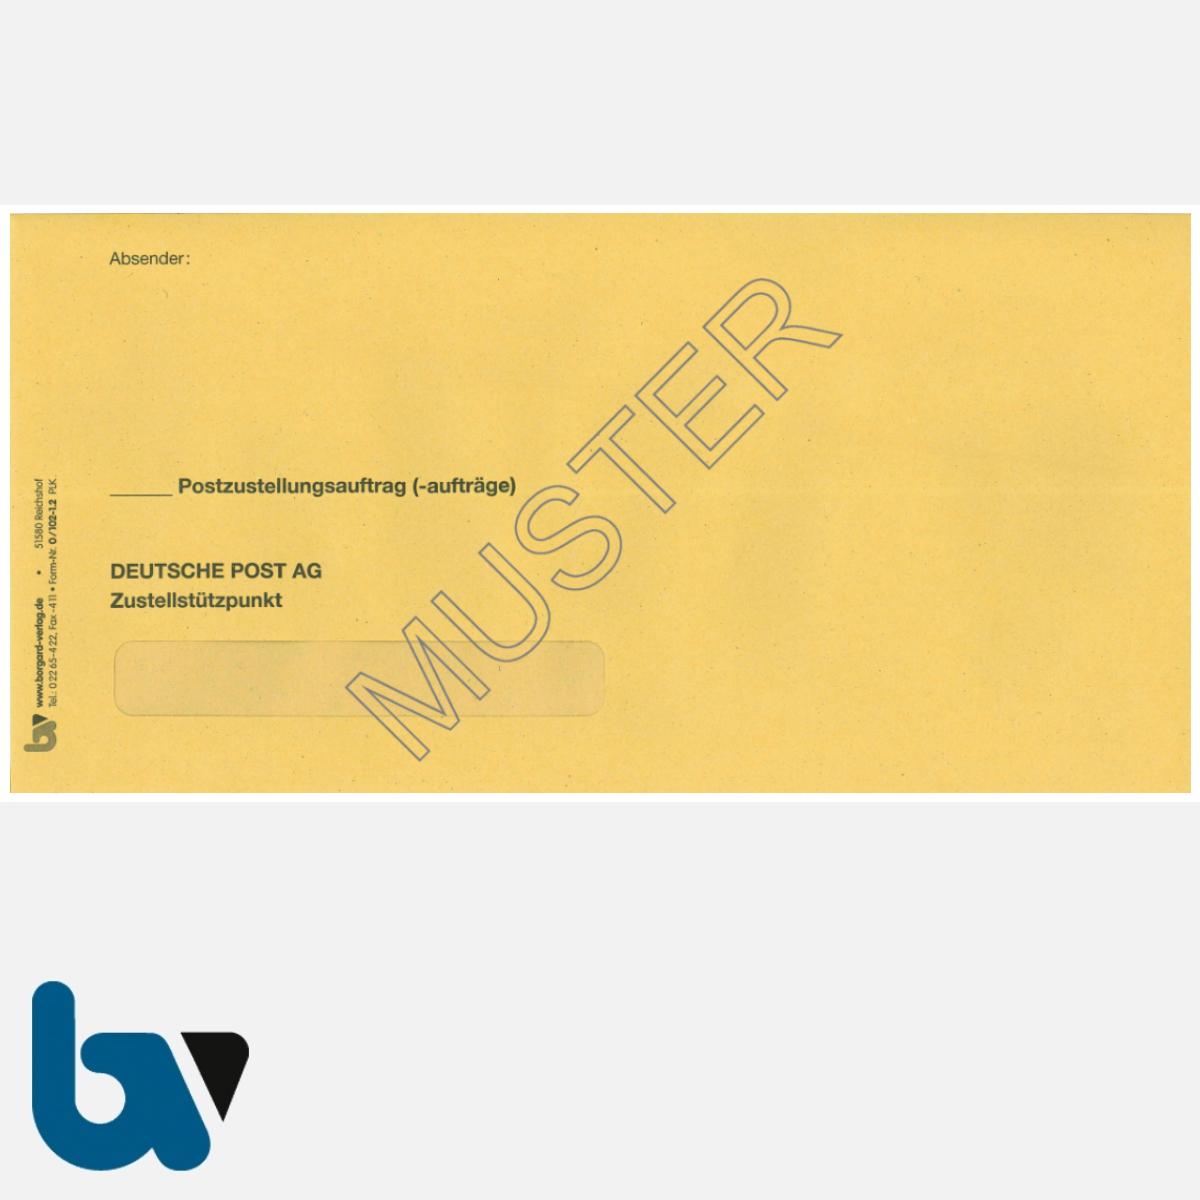 0/102-1.2 Postzustellungsauftrag Variante äußerer Umschlag DIN lang mit Fenster nassklebend Vorderseite| Borgard Verlag GmbH